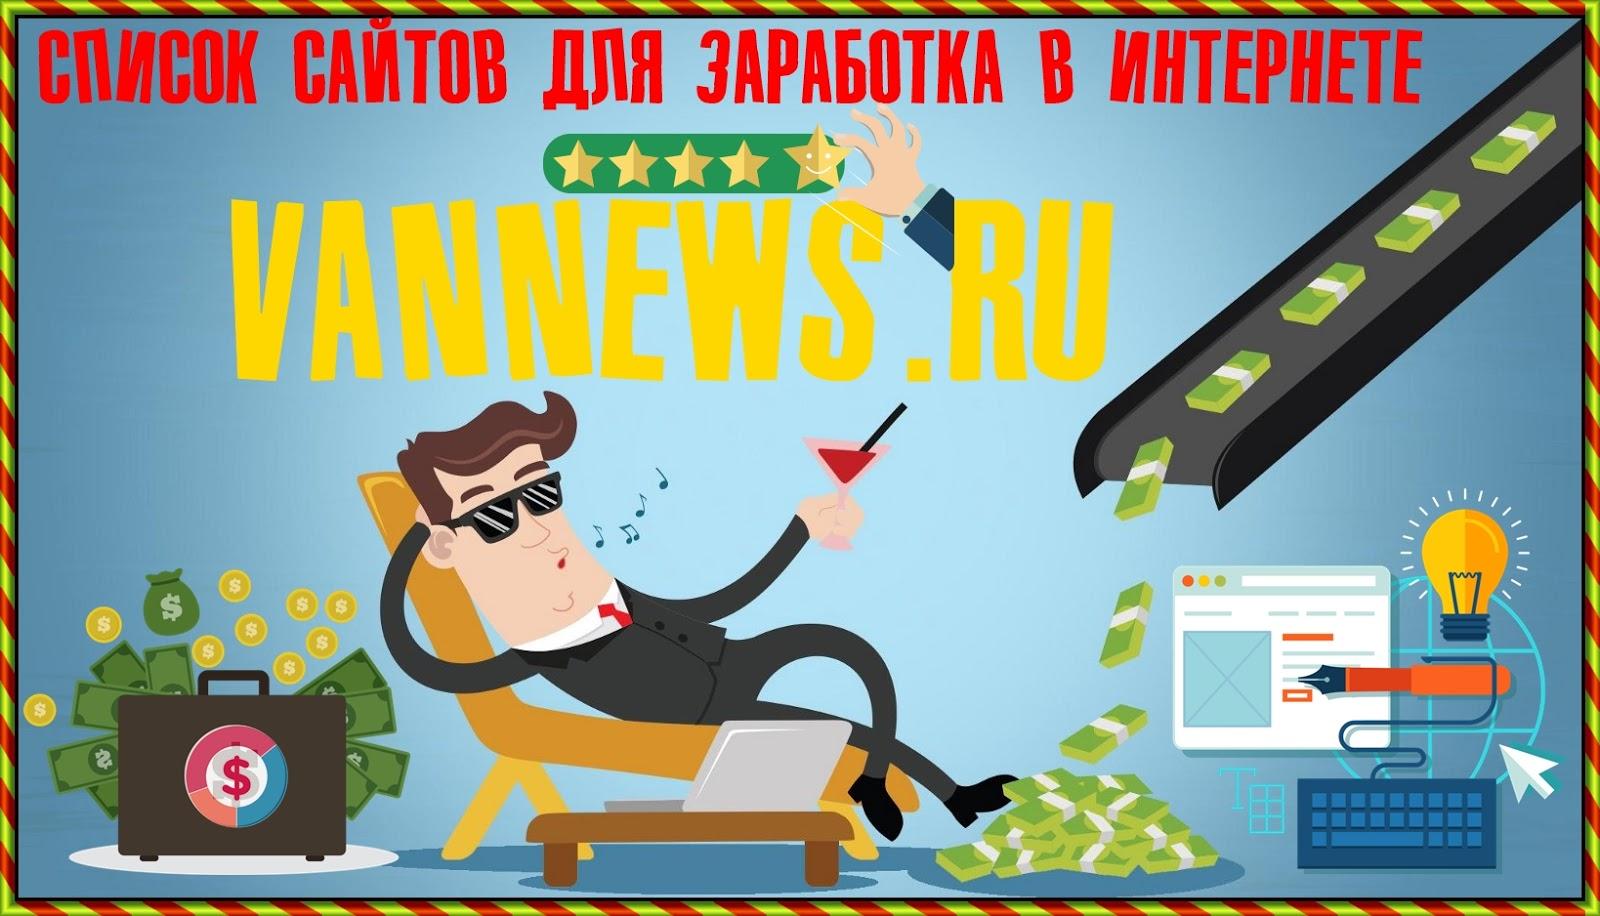 Online игры с выводом денег топ 20 1